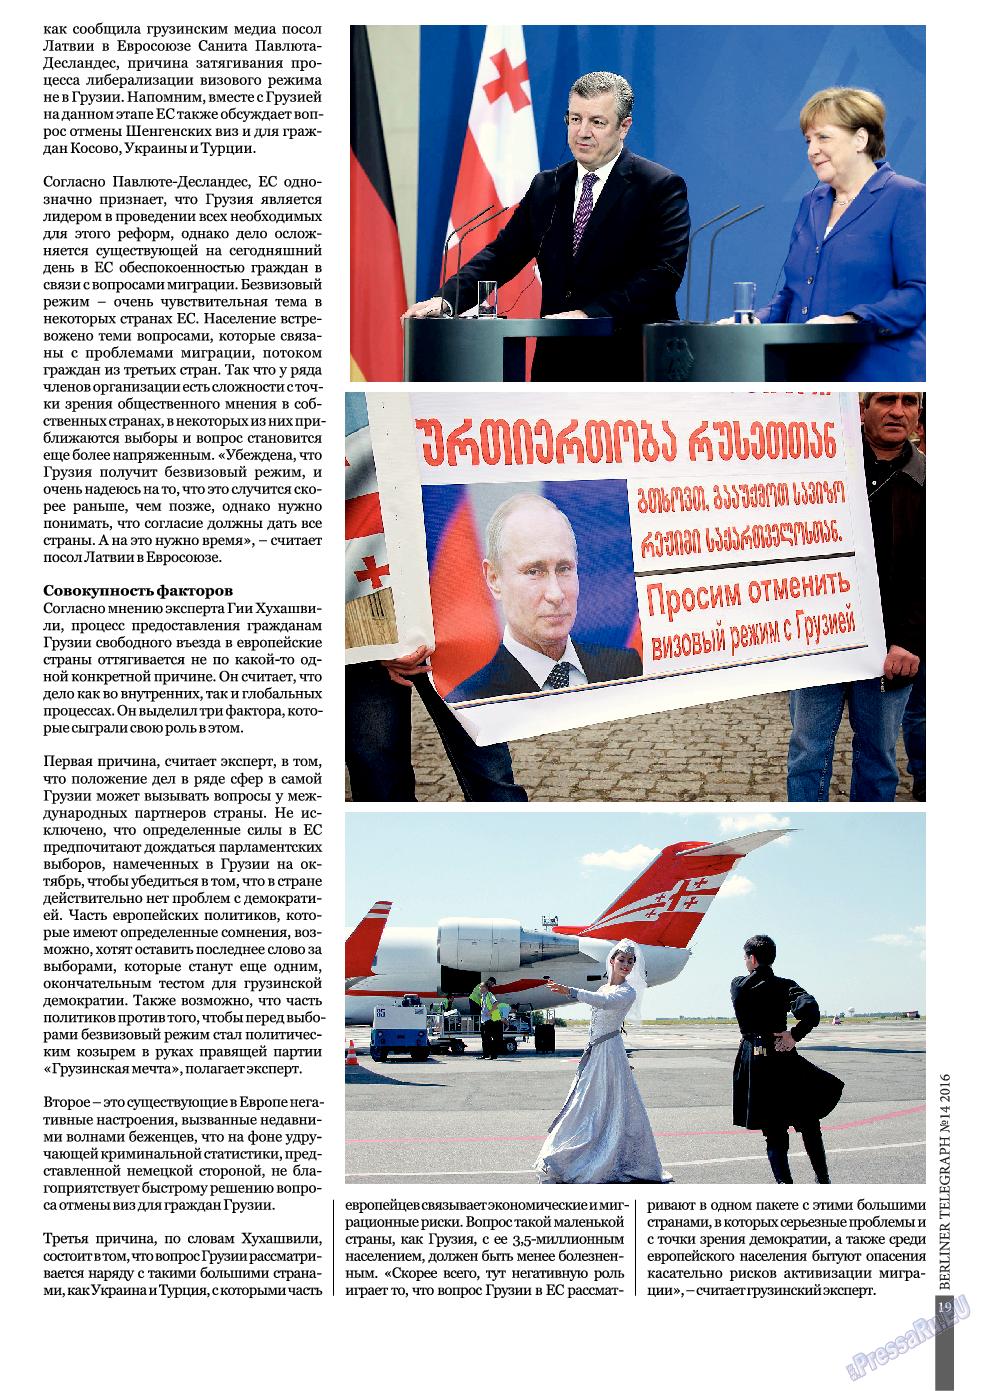 Берлинский телеграф (журнал). 2016 год, номер 14, стр. 19